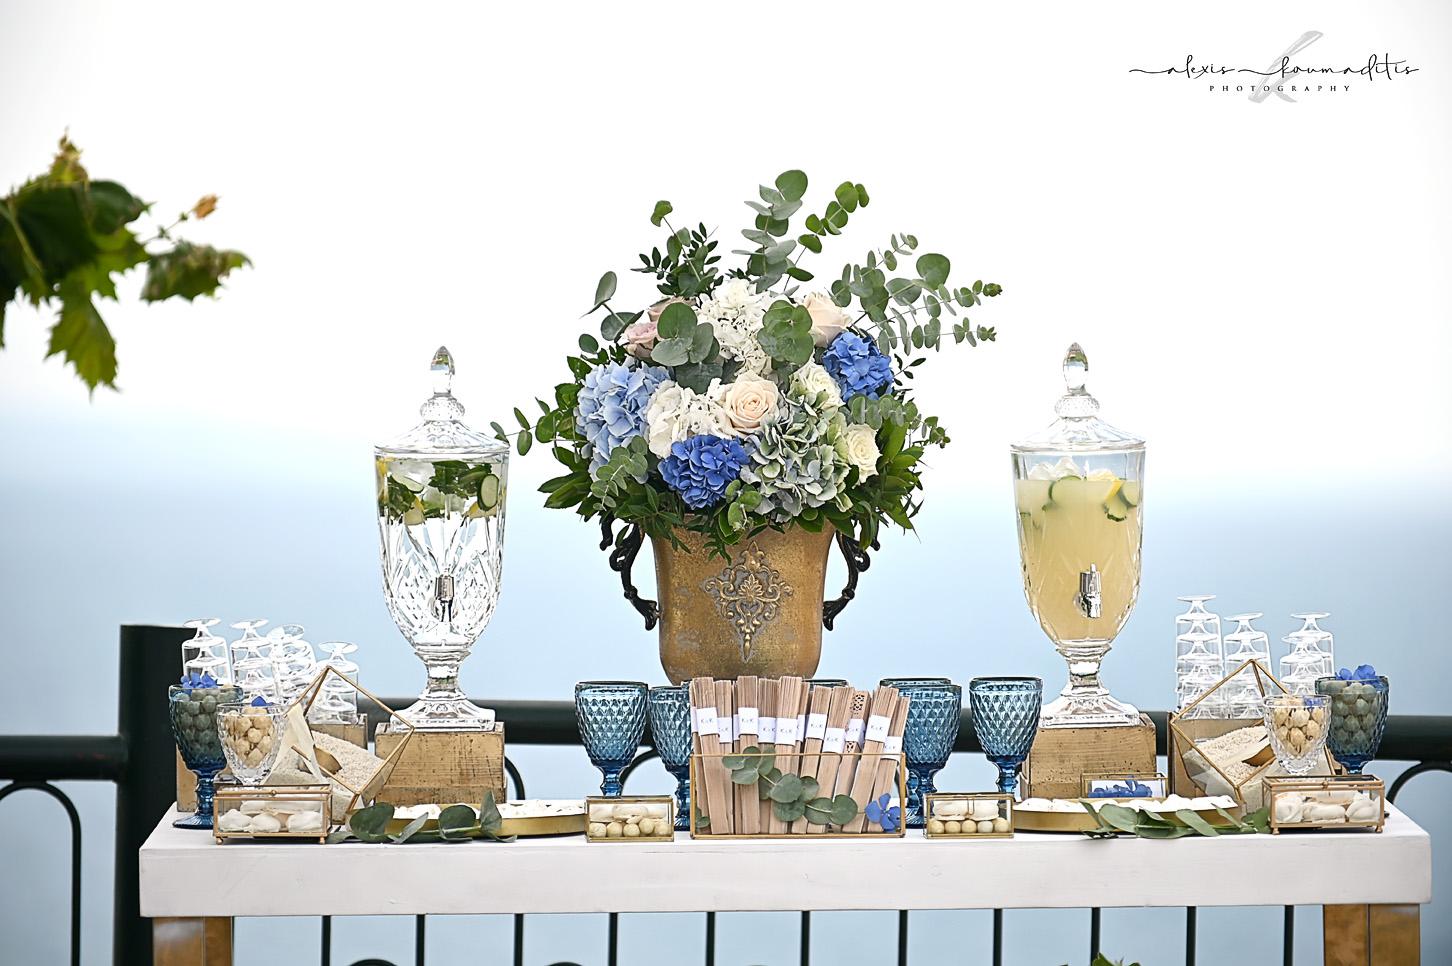 wedding- photography- wedding-flowers -θεσσαλια-λαρισα-φωτογραφια-γαμου-alexis-koumaditis